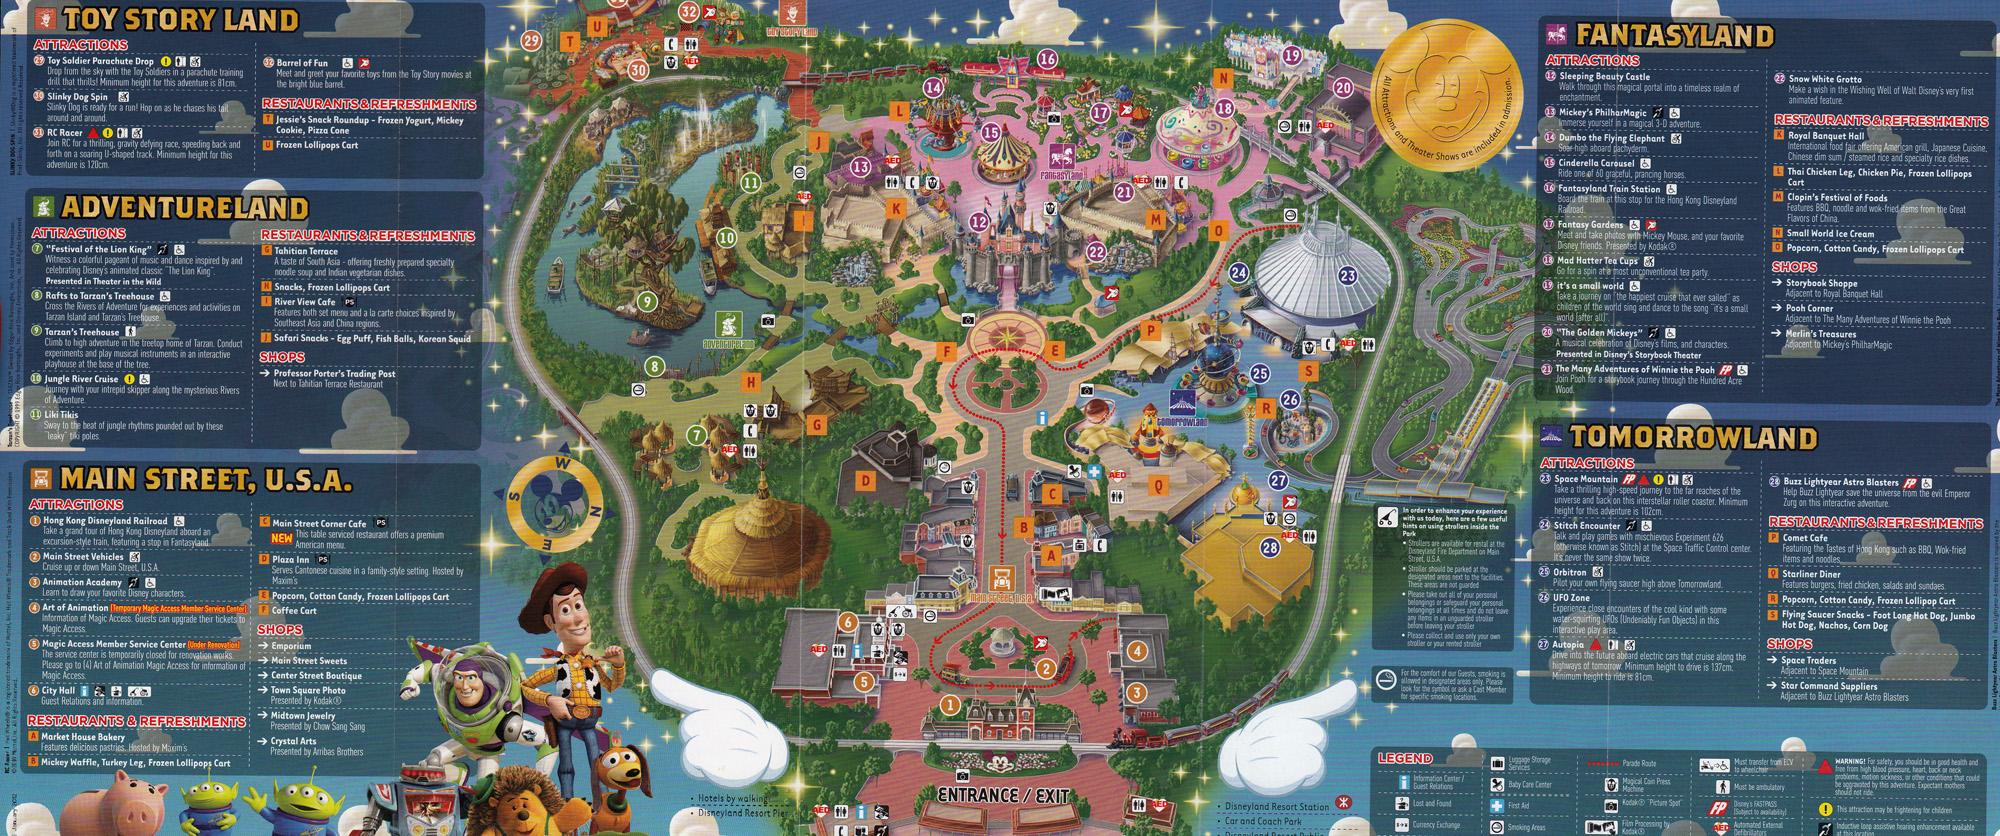 disney park maps pdf with Tour Hongkong Day 4 Have Fun At Disneyland Hongkong on Universal Studios Singapore Map And furthermore Map80 additionally Tour Hongkong Day 4 Have Fun At Disneyland Hongkong moreover Map California Road Trip Planner likewise Map Shanghai Disneyland Disneytown.